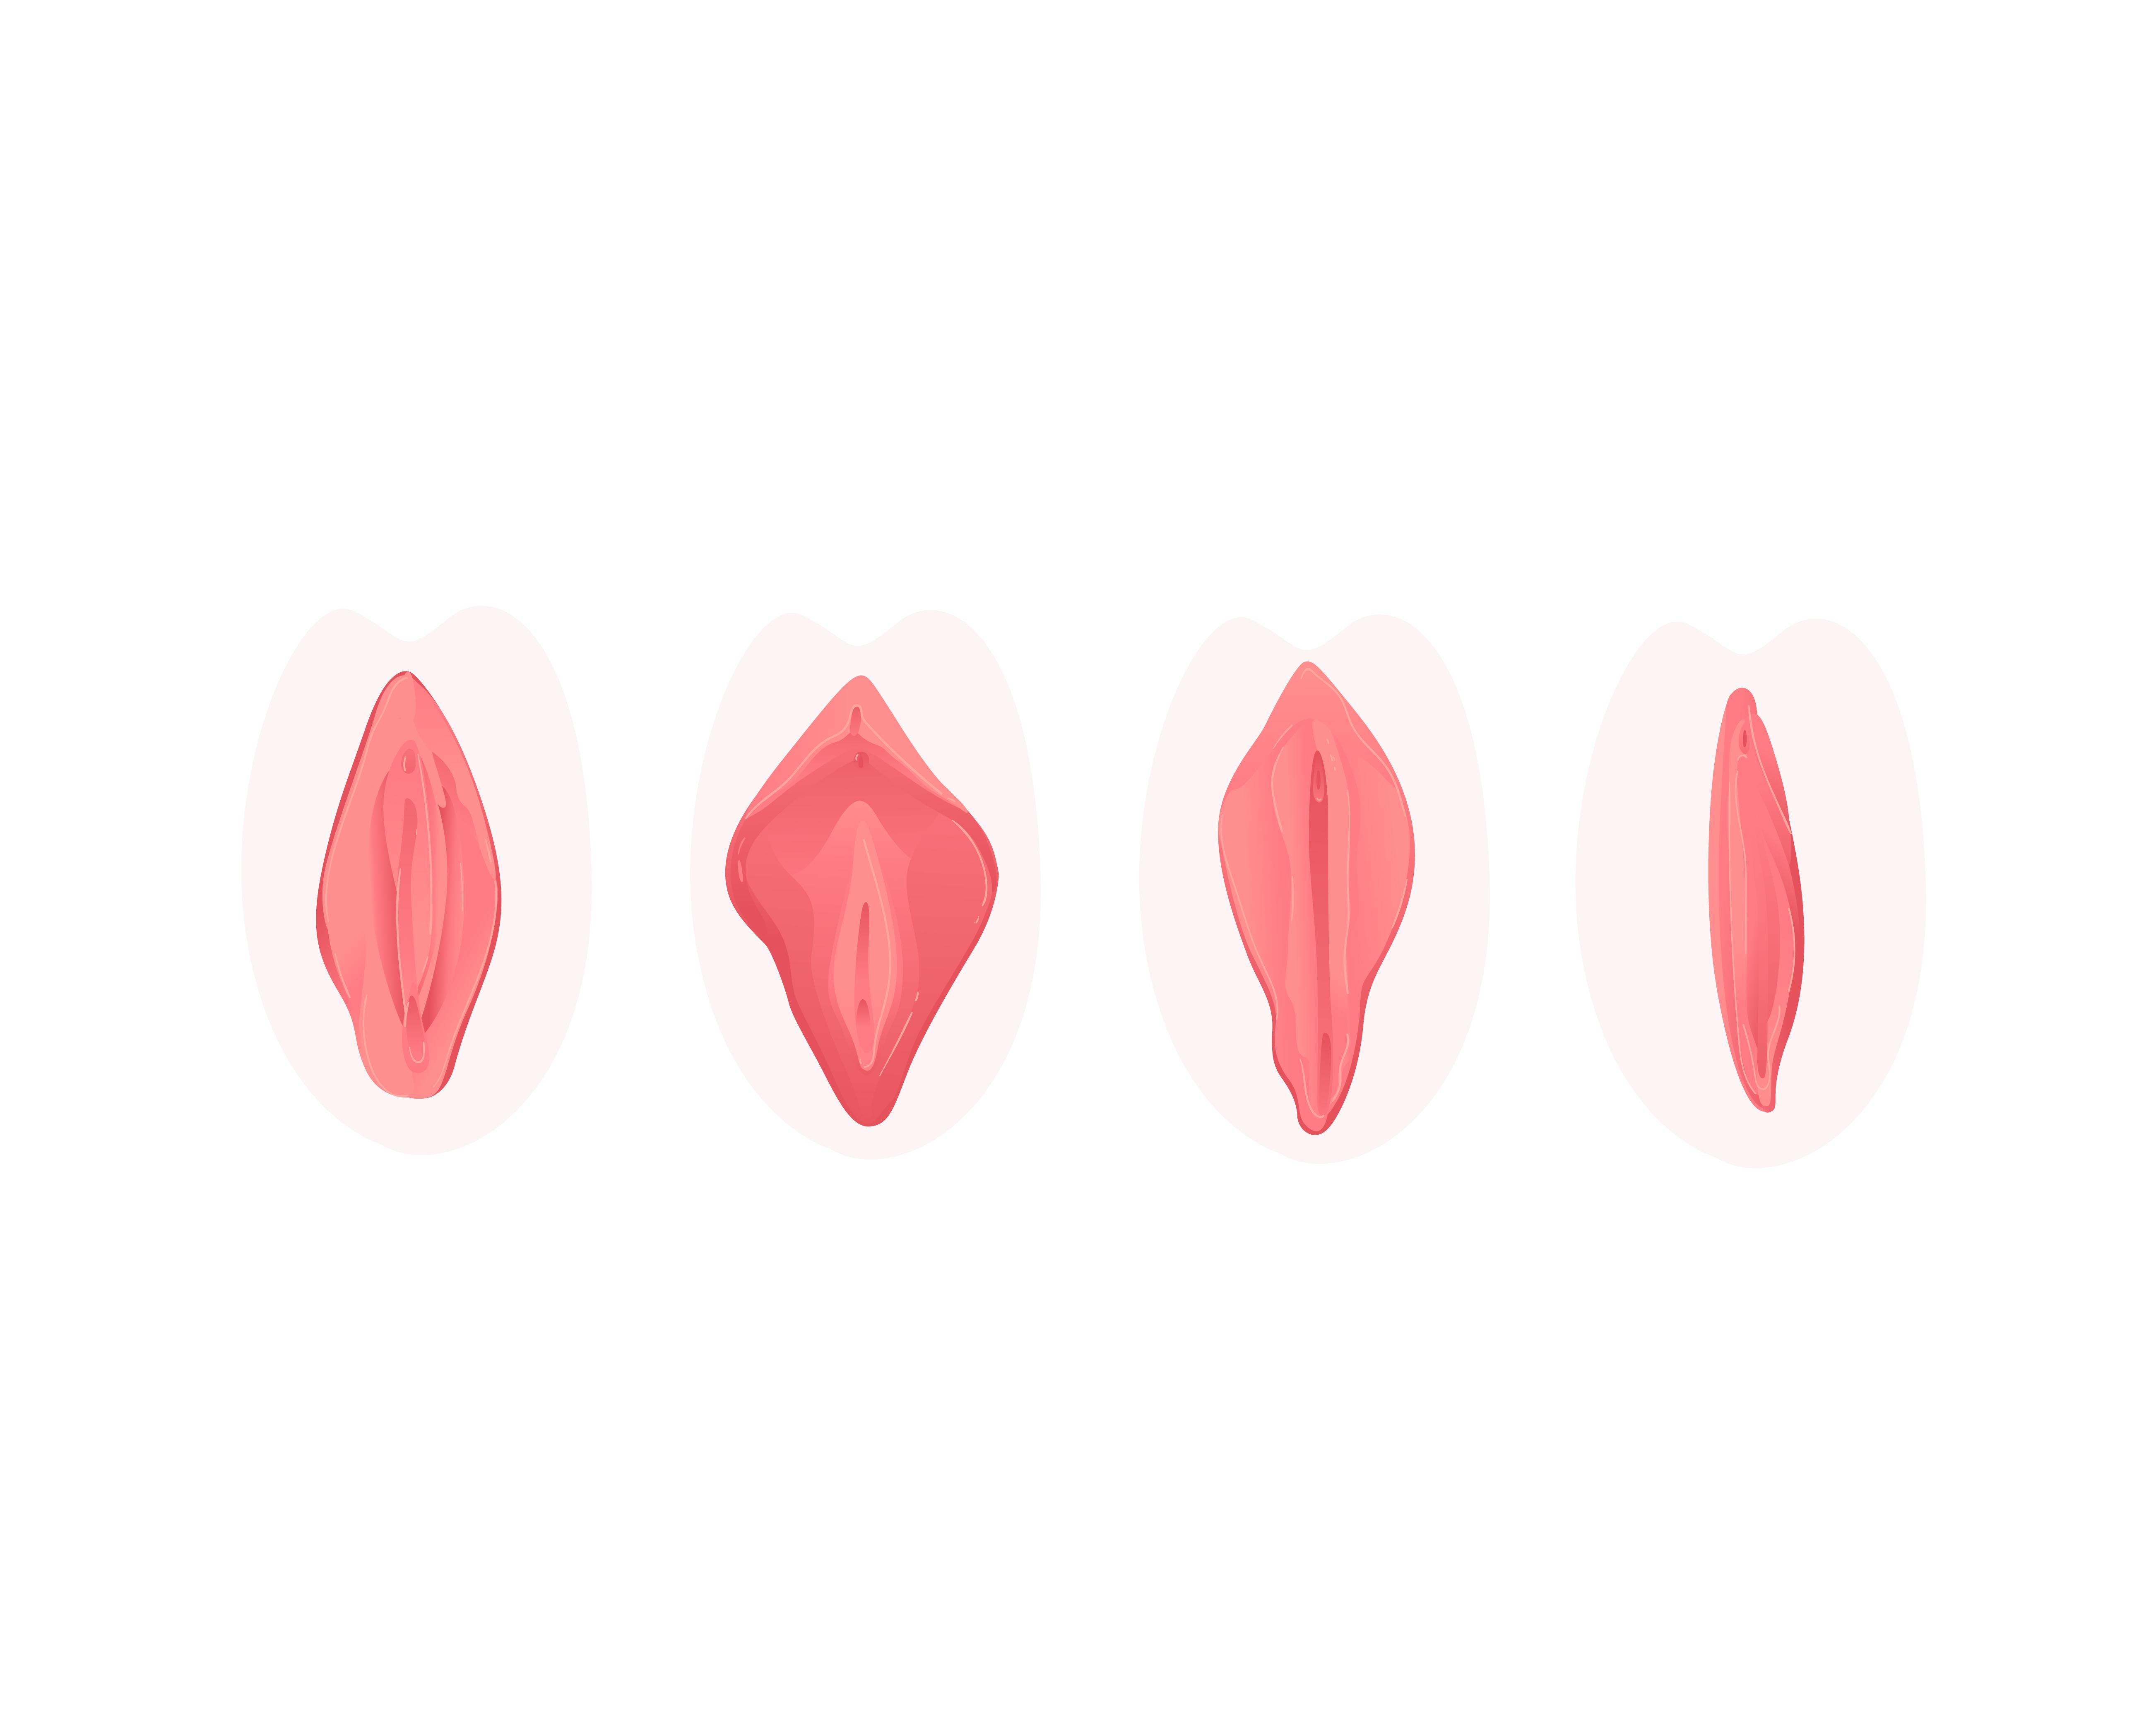 Ilustración de vaginas